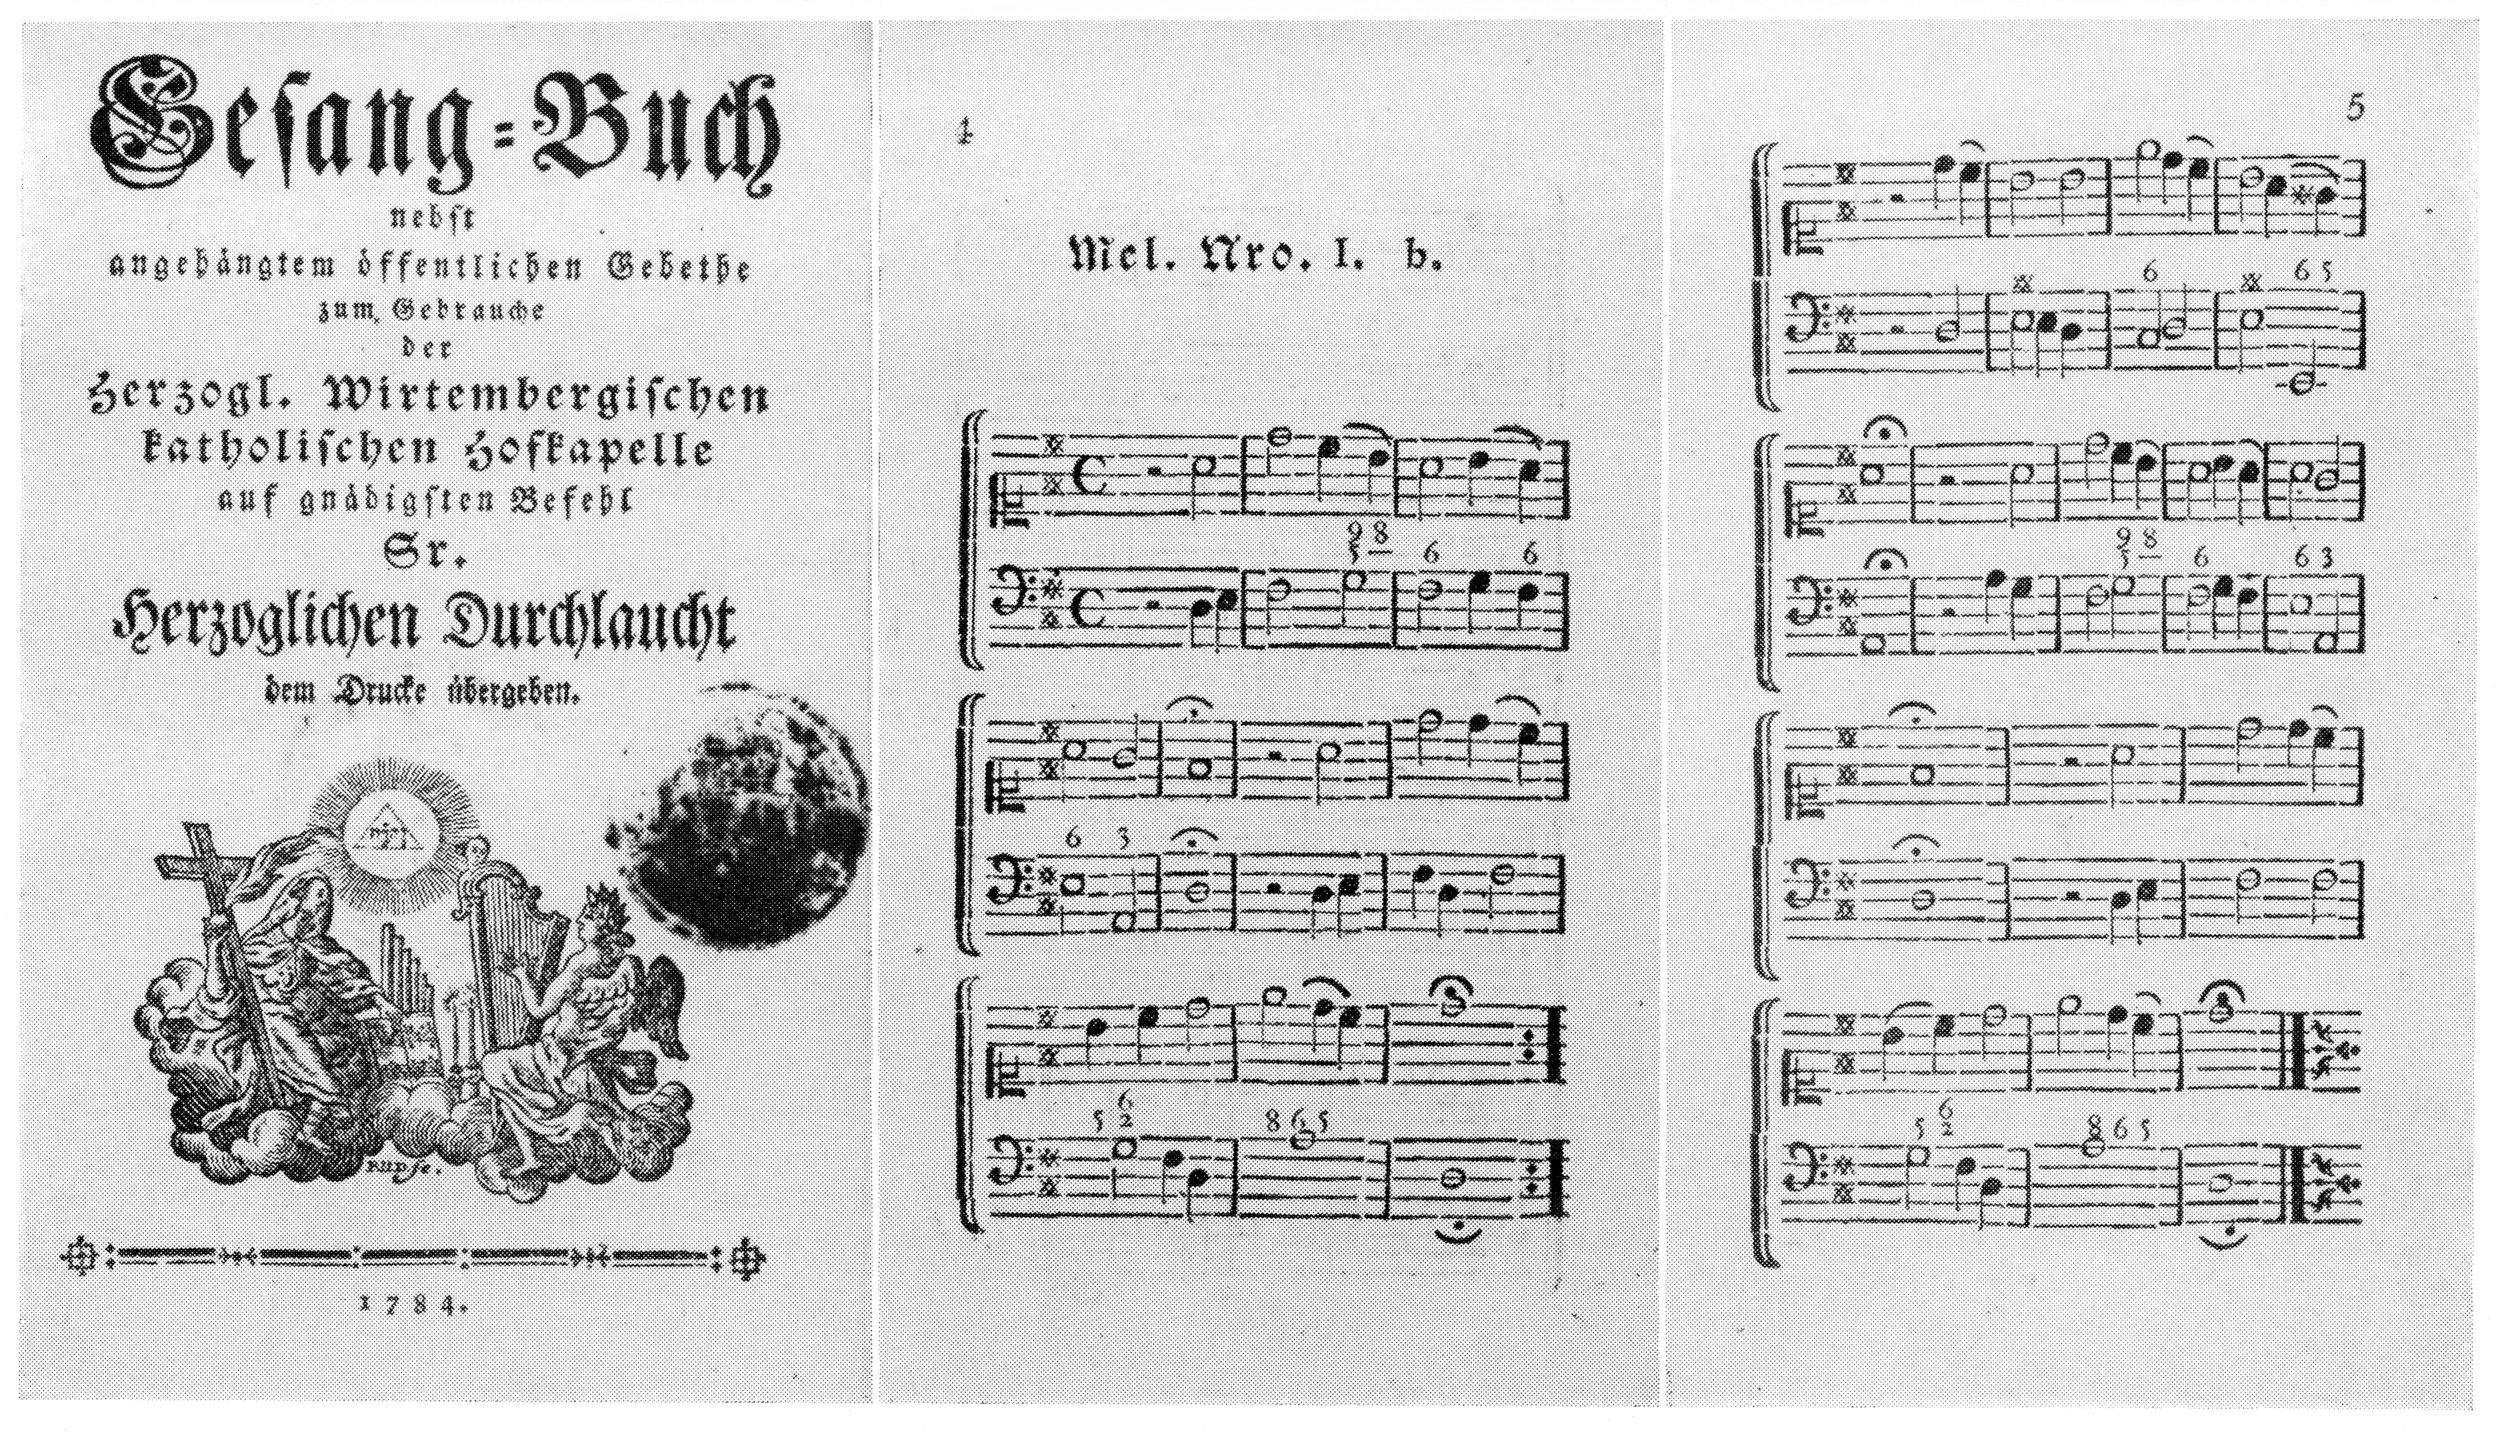 Fig. 3.   Gesang-Buch nebst angehängtem öffentlichen Gebethe zum Gebrauche der Herzogl. Wirtembergischen katholischen Hofkapelle (1784),  reproduced in  Historical Companion to Hymns Ancient & Modern  (1962).